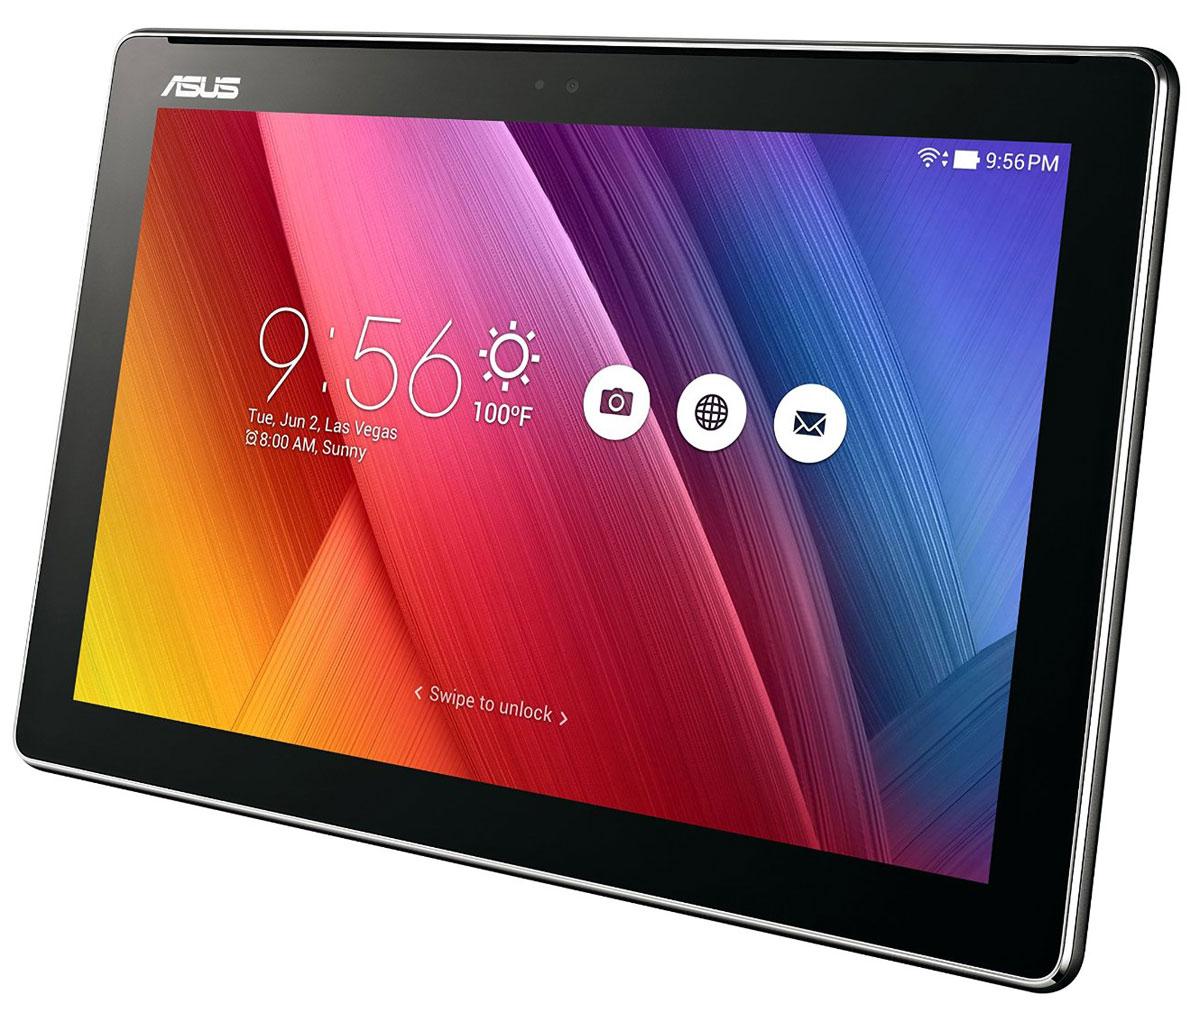 Asus ZenPad 10 ZD300CL, Black (90NP01T1-M01060)90NP01T1-M01060Все модели серии ZenPad объединены общей дизайн-философией Zen, которая направлена на разработку красивых и высокотехнологичных устройств - роскоши, доступной для каждого. Внешний вид этого планшета - яркий, стильный, современный - не оставит равнодушным ни одного пользователя! Великолепное изображение: ASUS VisualMaster - это общее название комплекса аппаратных и программных средств улучшения изображения за счет оптимизации множества параметров, включая контрастность, резкость, цветопередачу, яркость. ASUS VisualMaster - залог красочной и реалистичной картинки на экране планшета. Интеллектуальная оптимизация контрастности: Оптимизация контрастности служит для более точной передачи оттенков в самых ярких и самых темных участках изображения. Невероятный звук: За великолепное звучание планшетов ZenPad отвечают передовые аудиотехнологии DTS-HD Premium Sound и SonicMaster. Док-станция ASUS Audio Dock: ASUS...